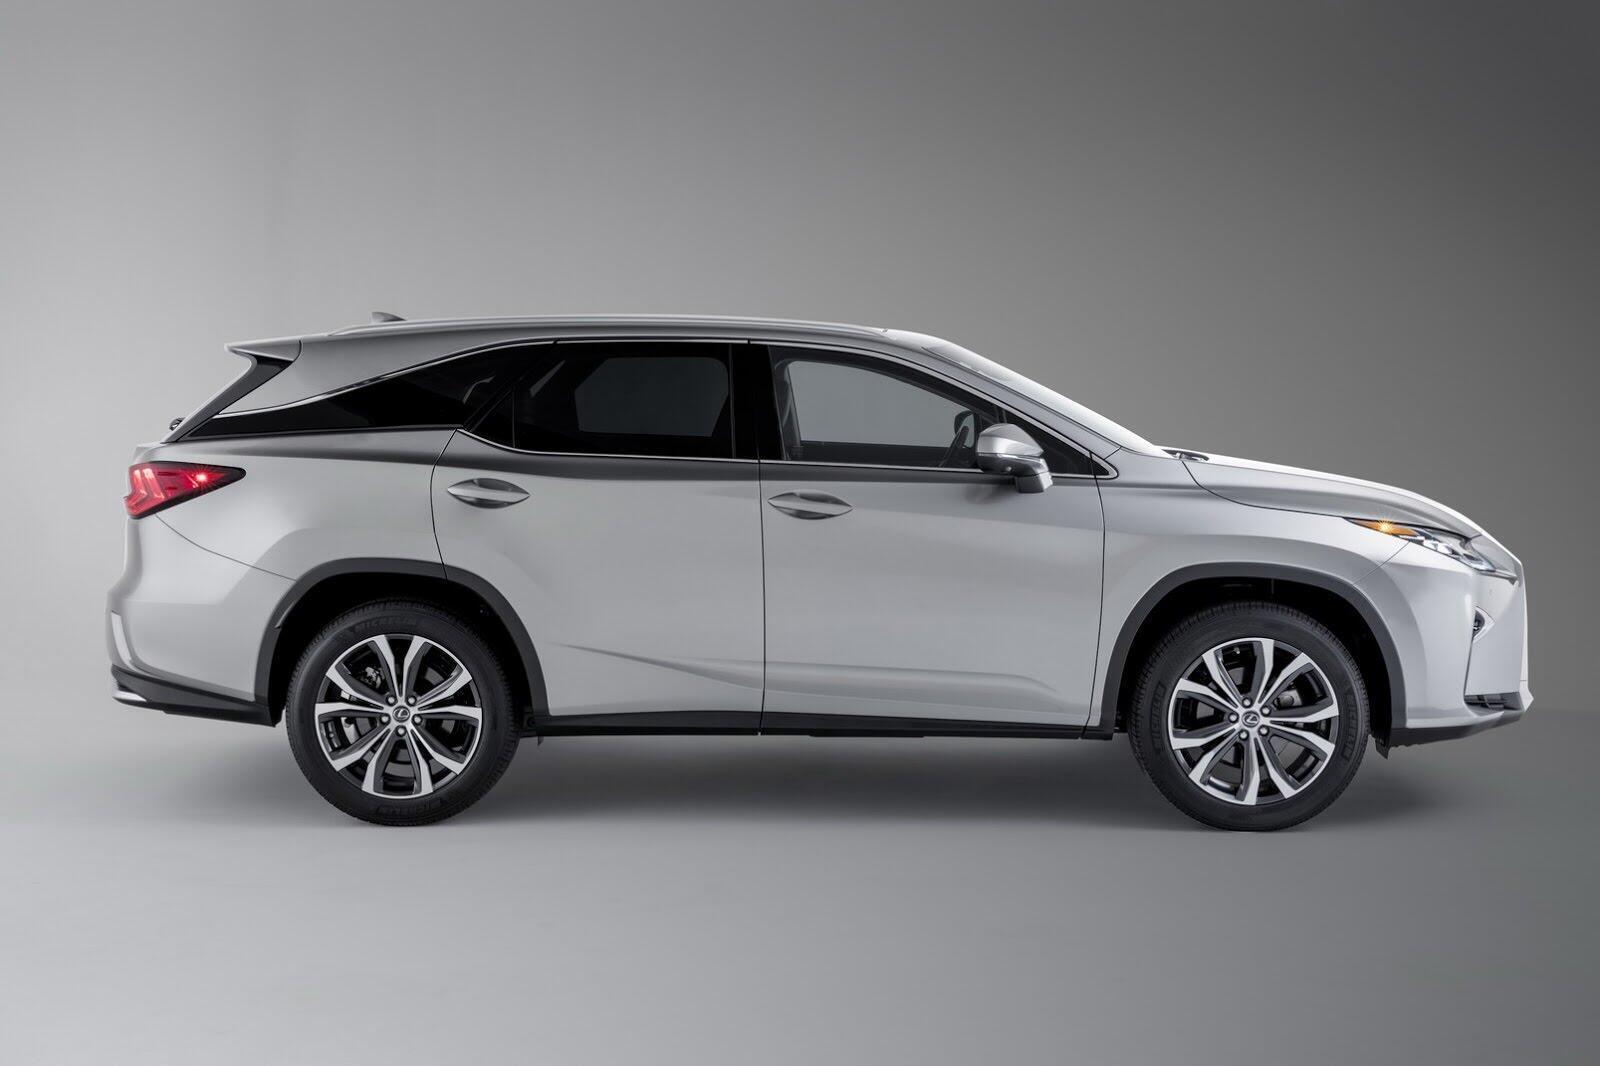 [LAAS 2017] Lexus RXL 2018 ba hàng ghế, 7 chỗ, có giá bán từ 47.000 USD tại Mỹ - Hình 10